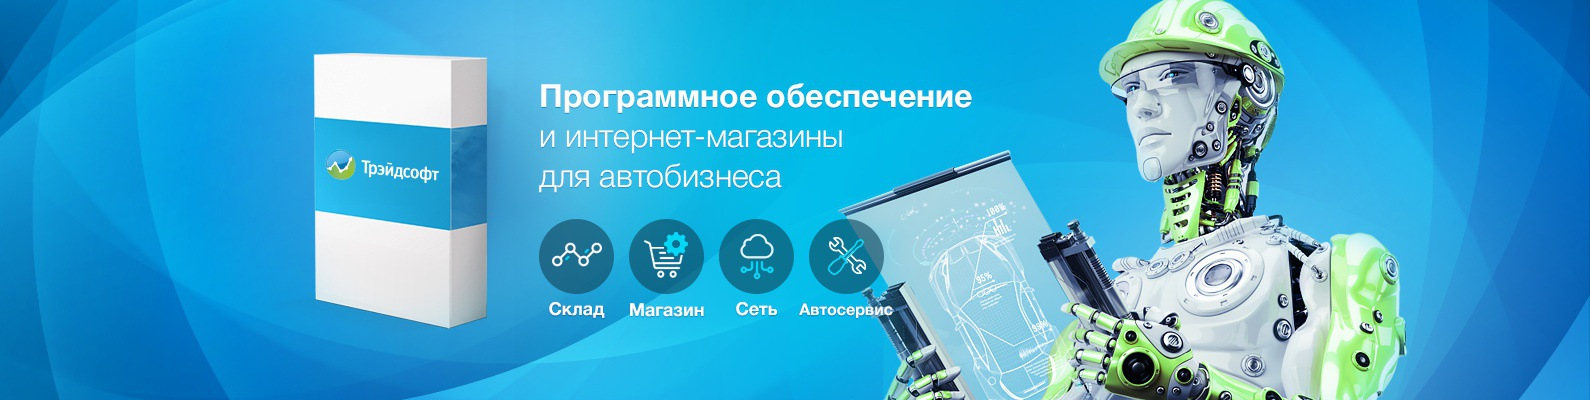 электронные каталоги запчастей для иномарок онлайн